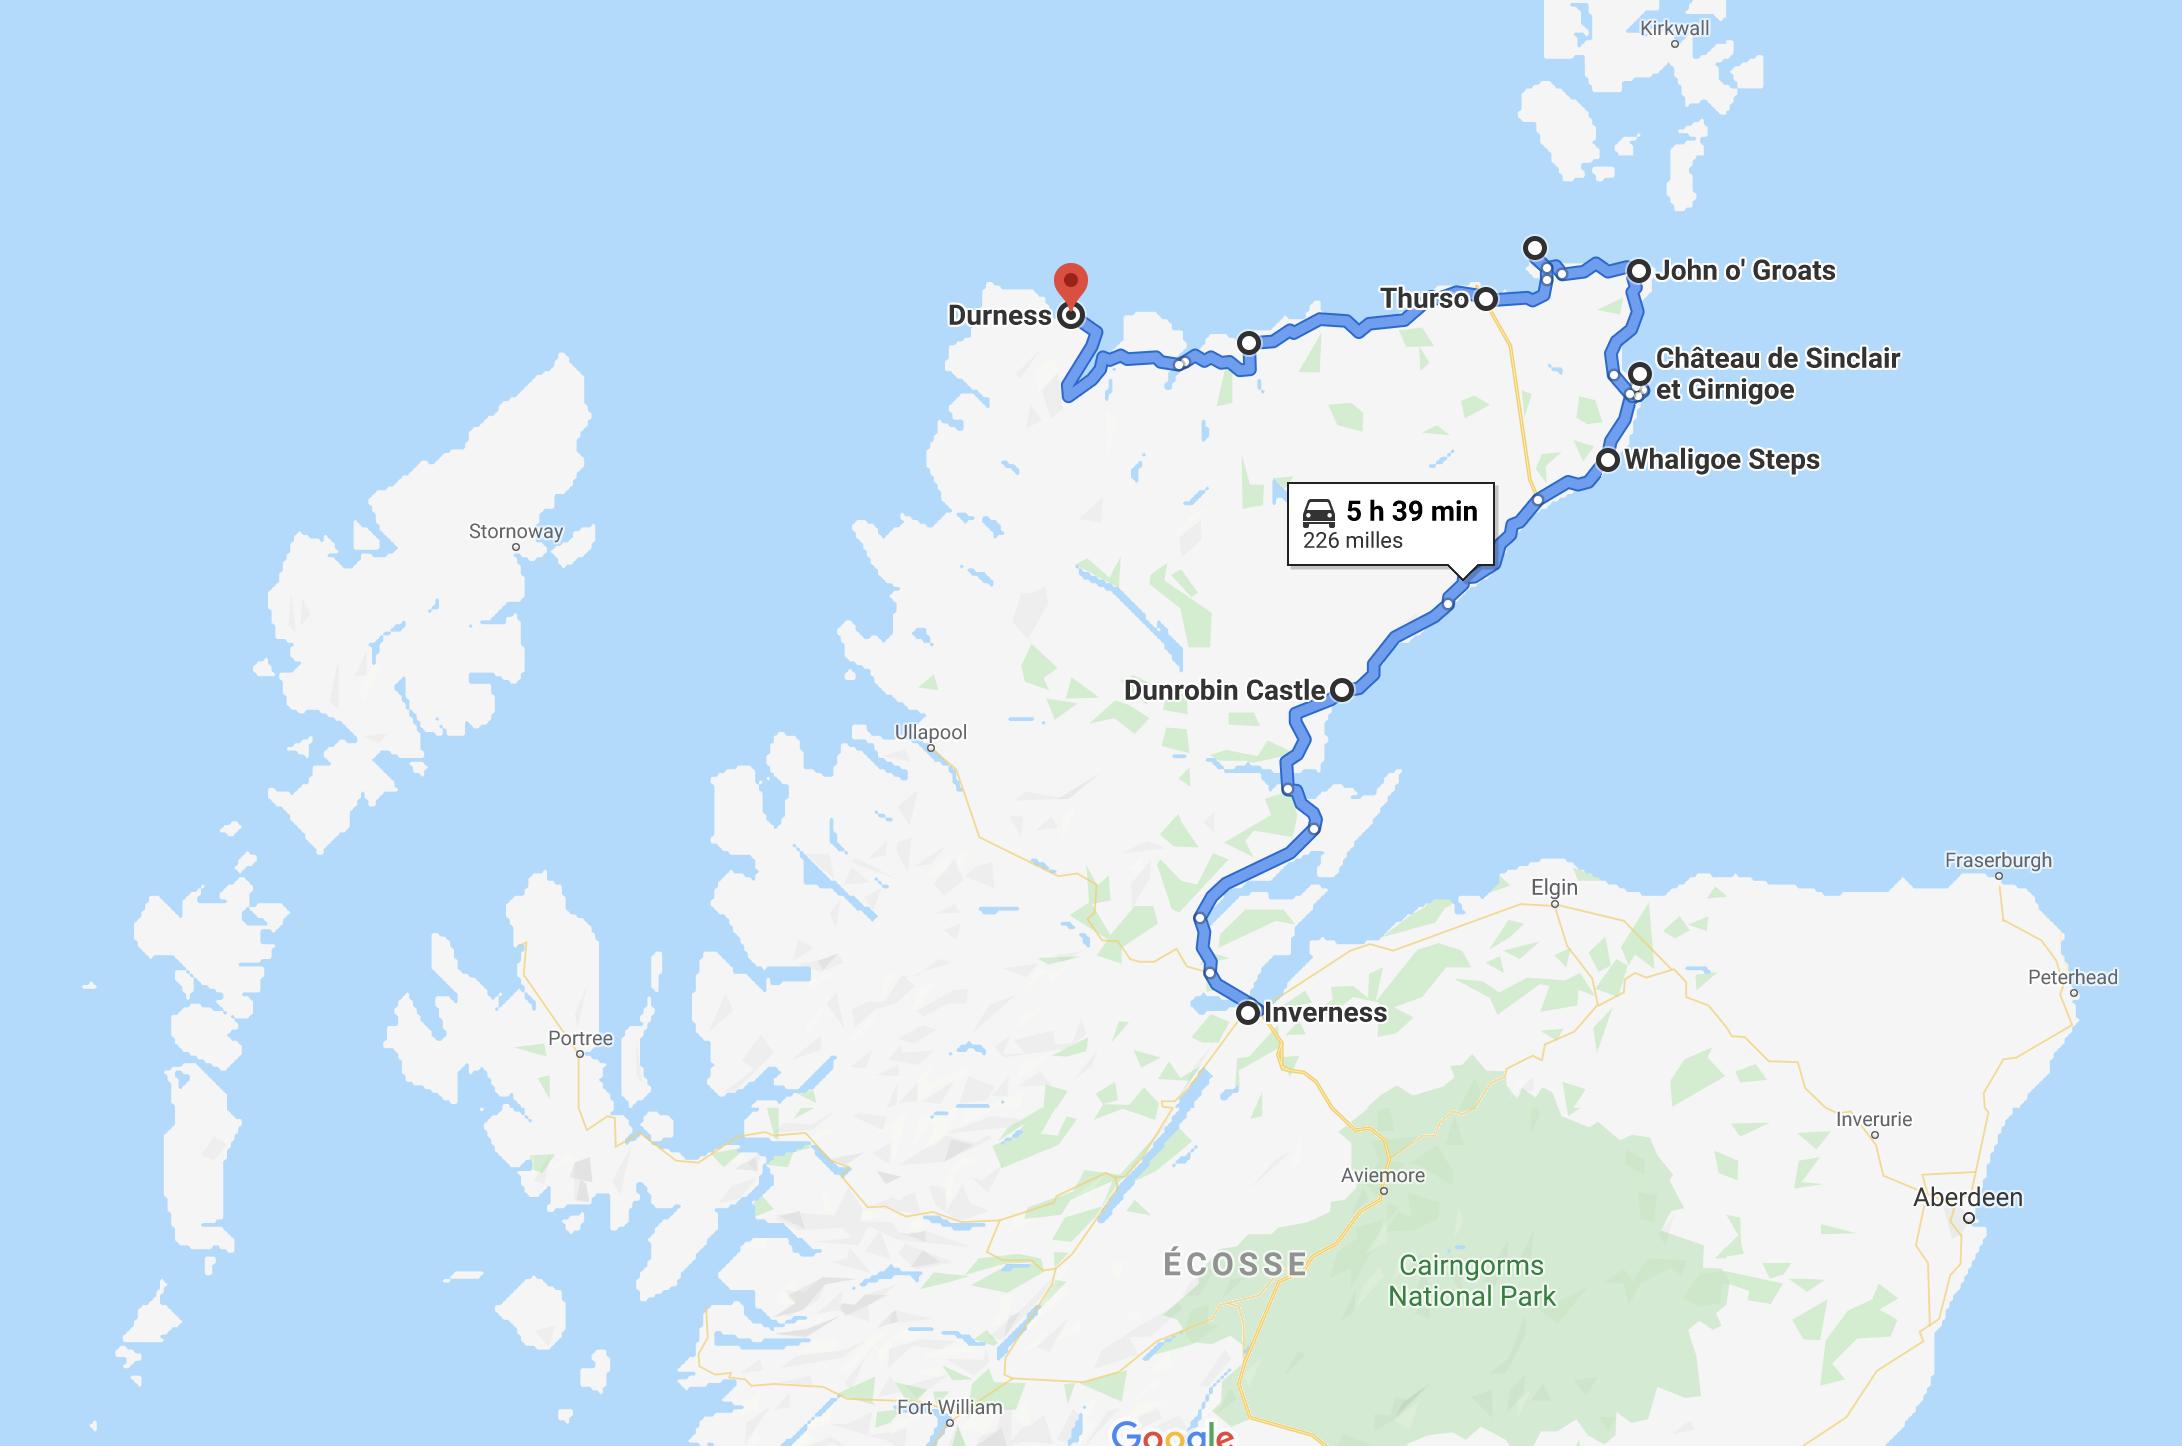 Tracé Google de mon trajet dans l'est et dans le nord des Highlands.